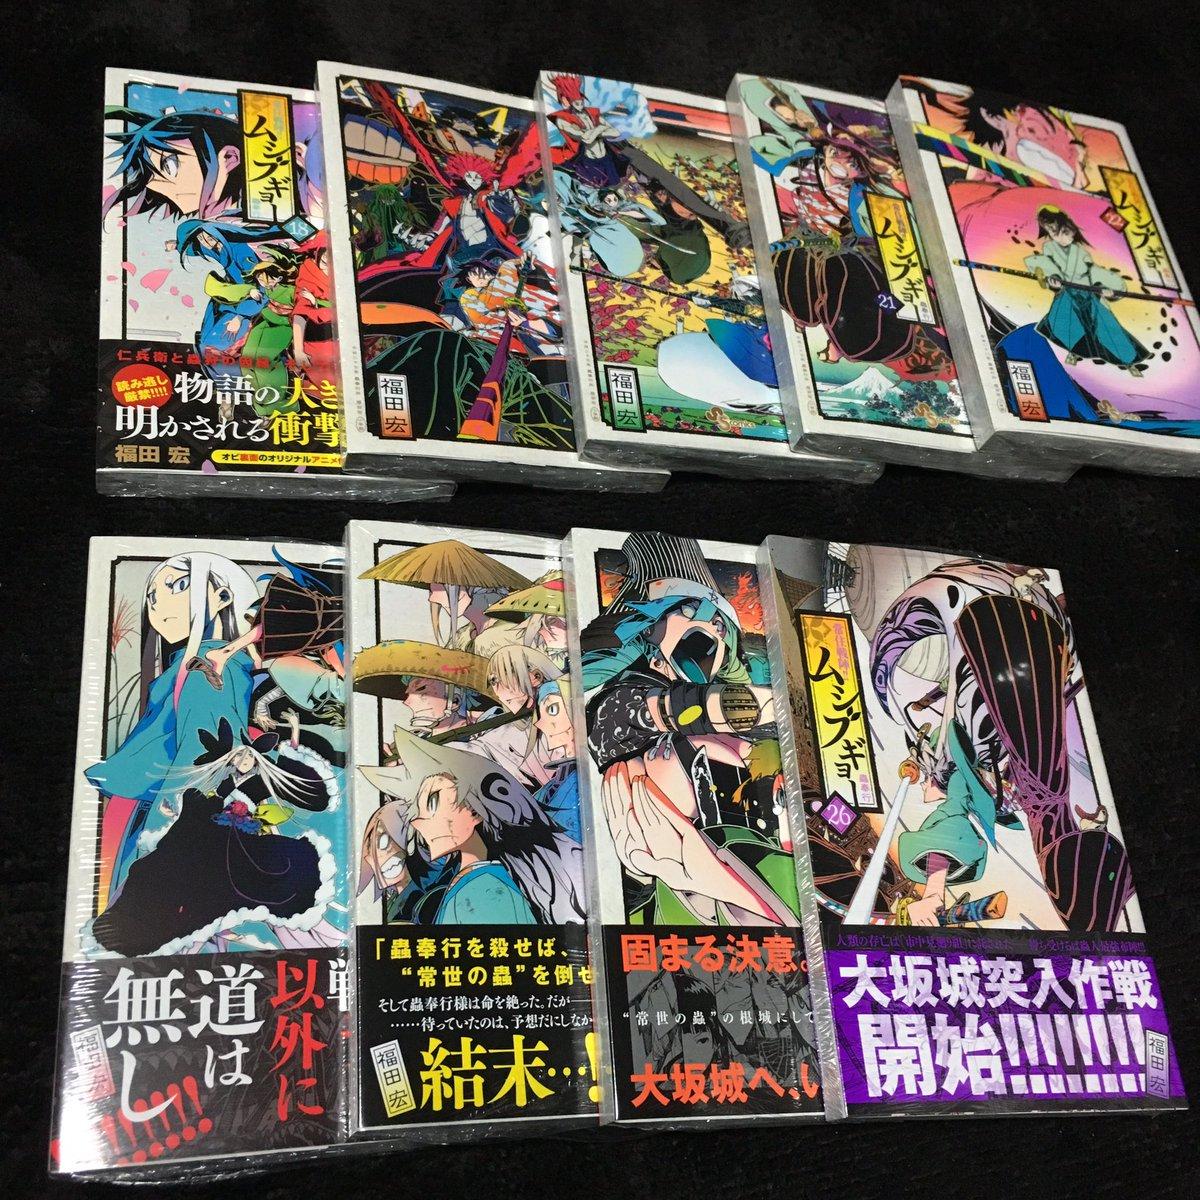 昨日漫画めっちゃ買っちゃったwムシブギョーはどうせ買うんだからって残りの巻全部でほかに関しては全部新刊でこんなにあるとは